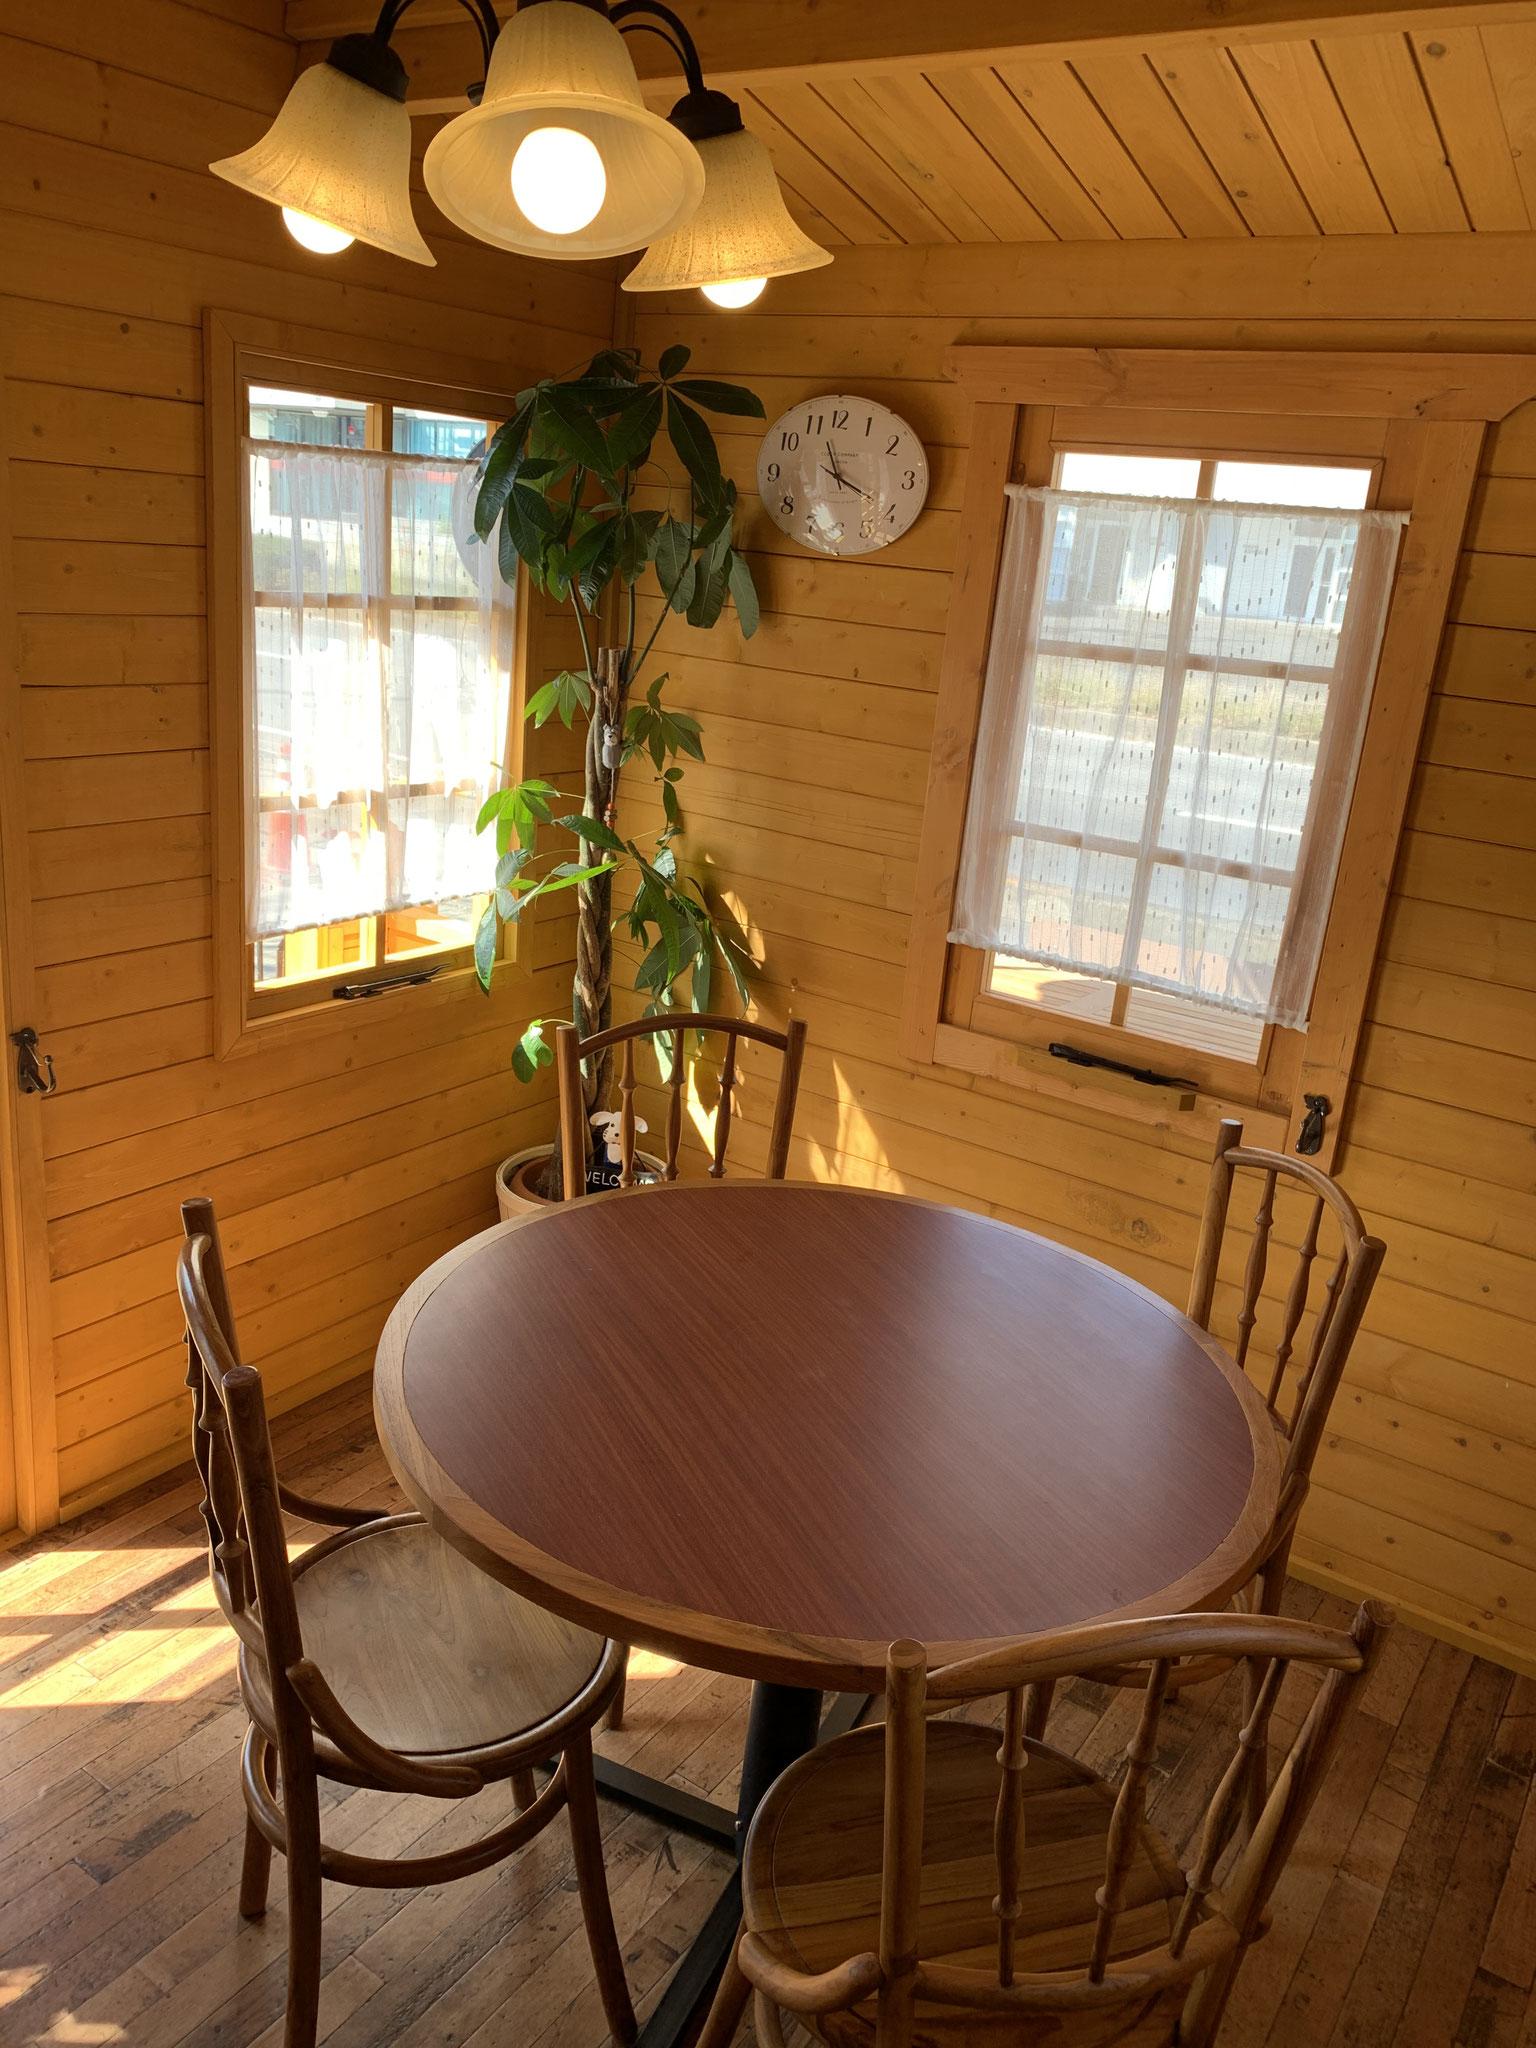 dogcafe'わんべりー店内 4人掛けとカウンター2席